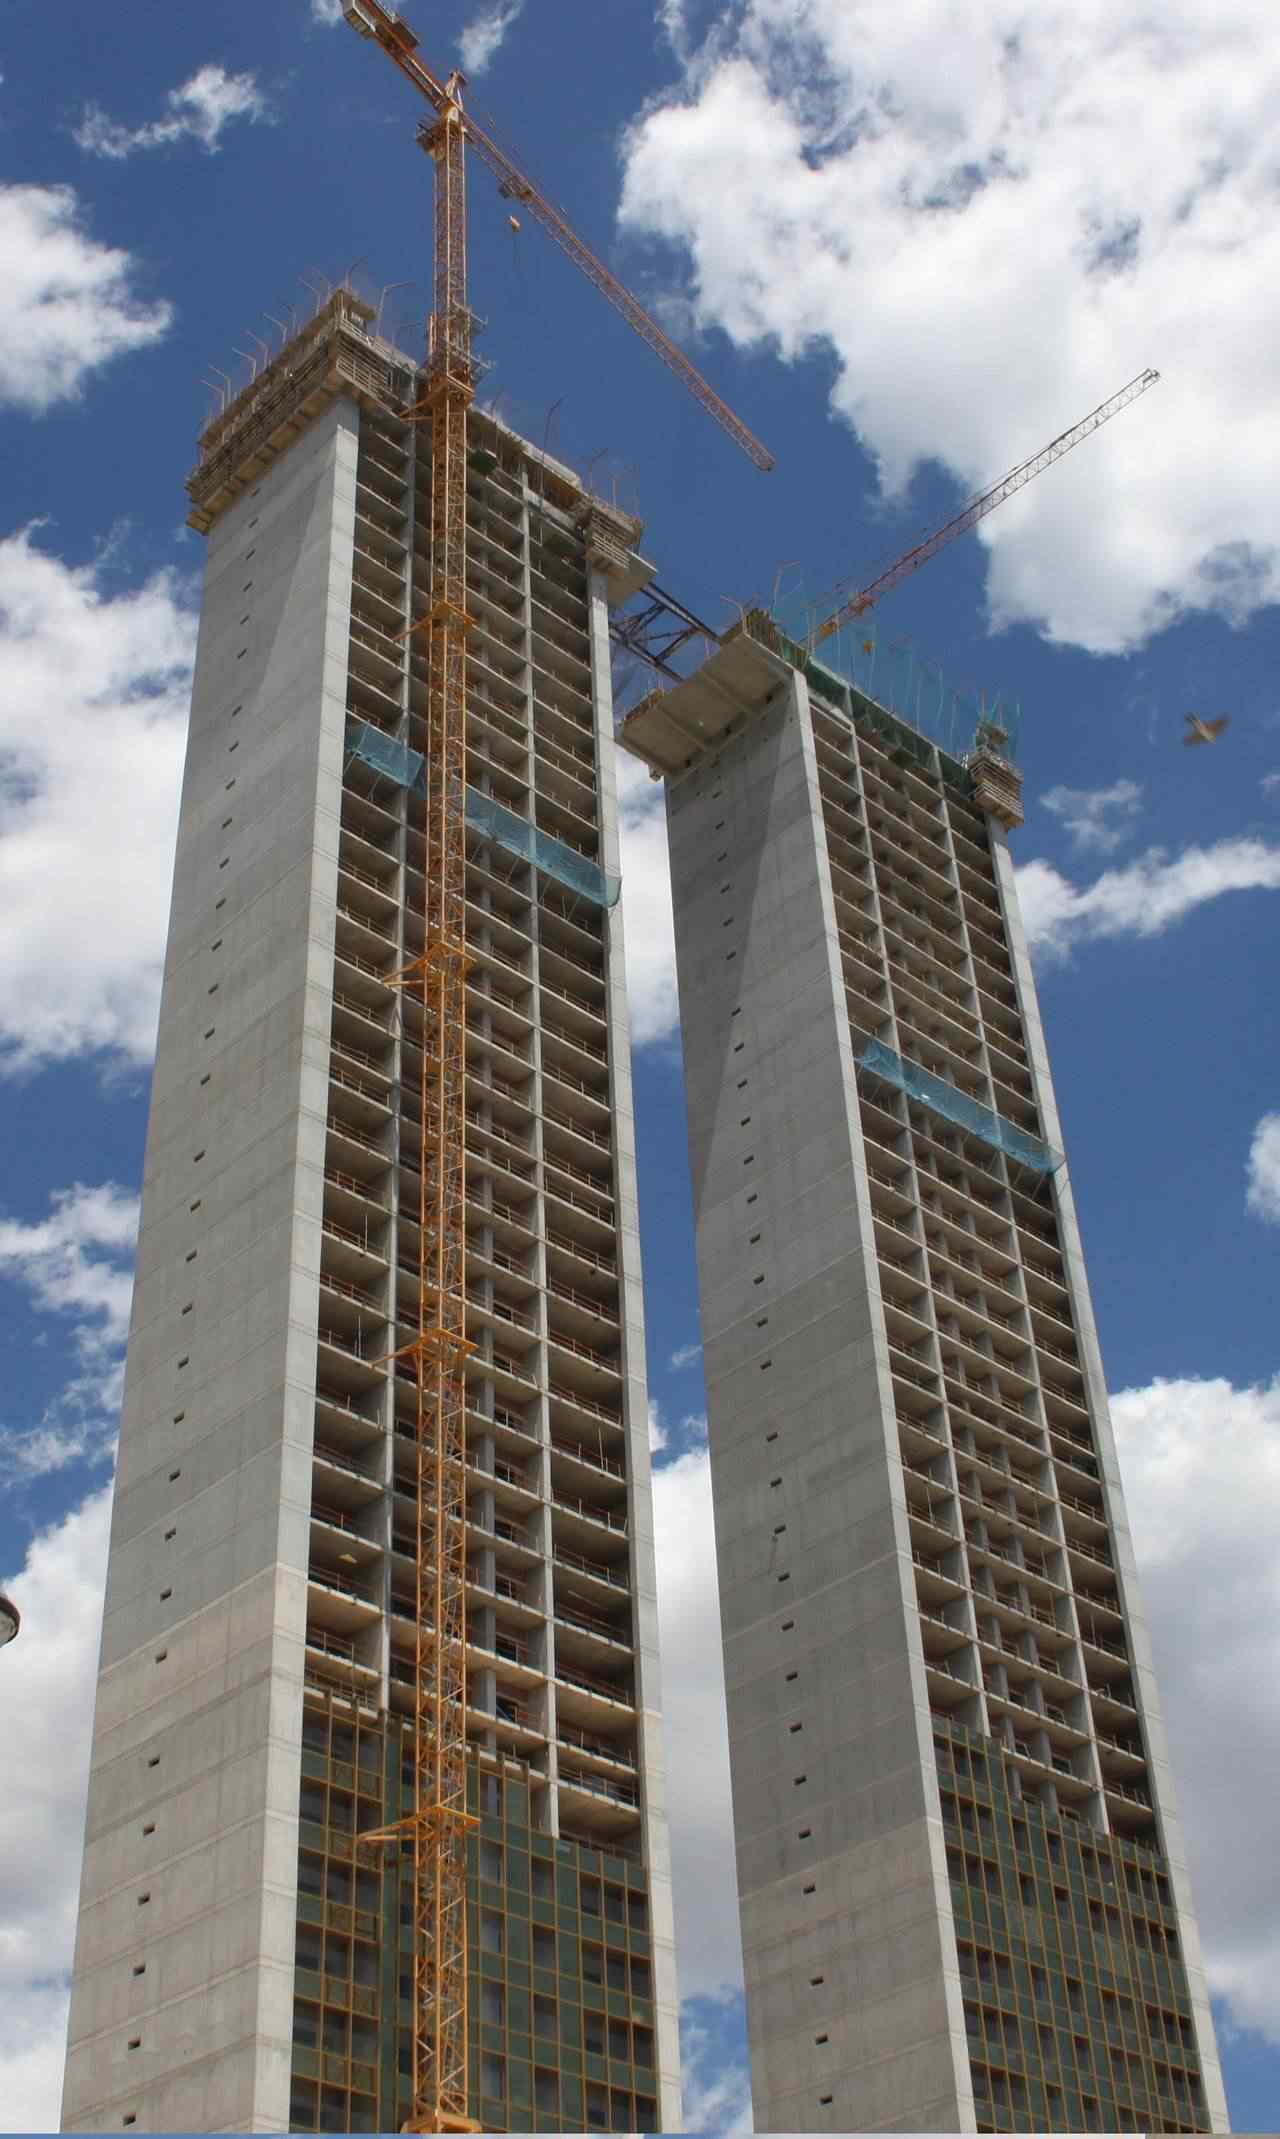 0 d4f31 e17d307e orig Fail? Espanhóis fazem prédio gigante e esquecem do elevador